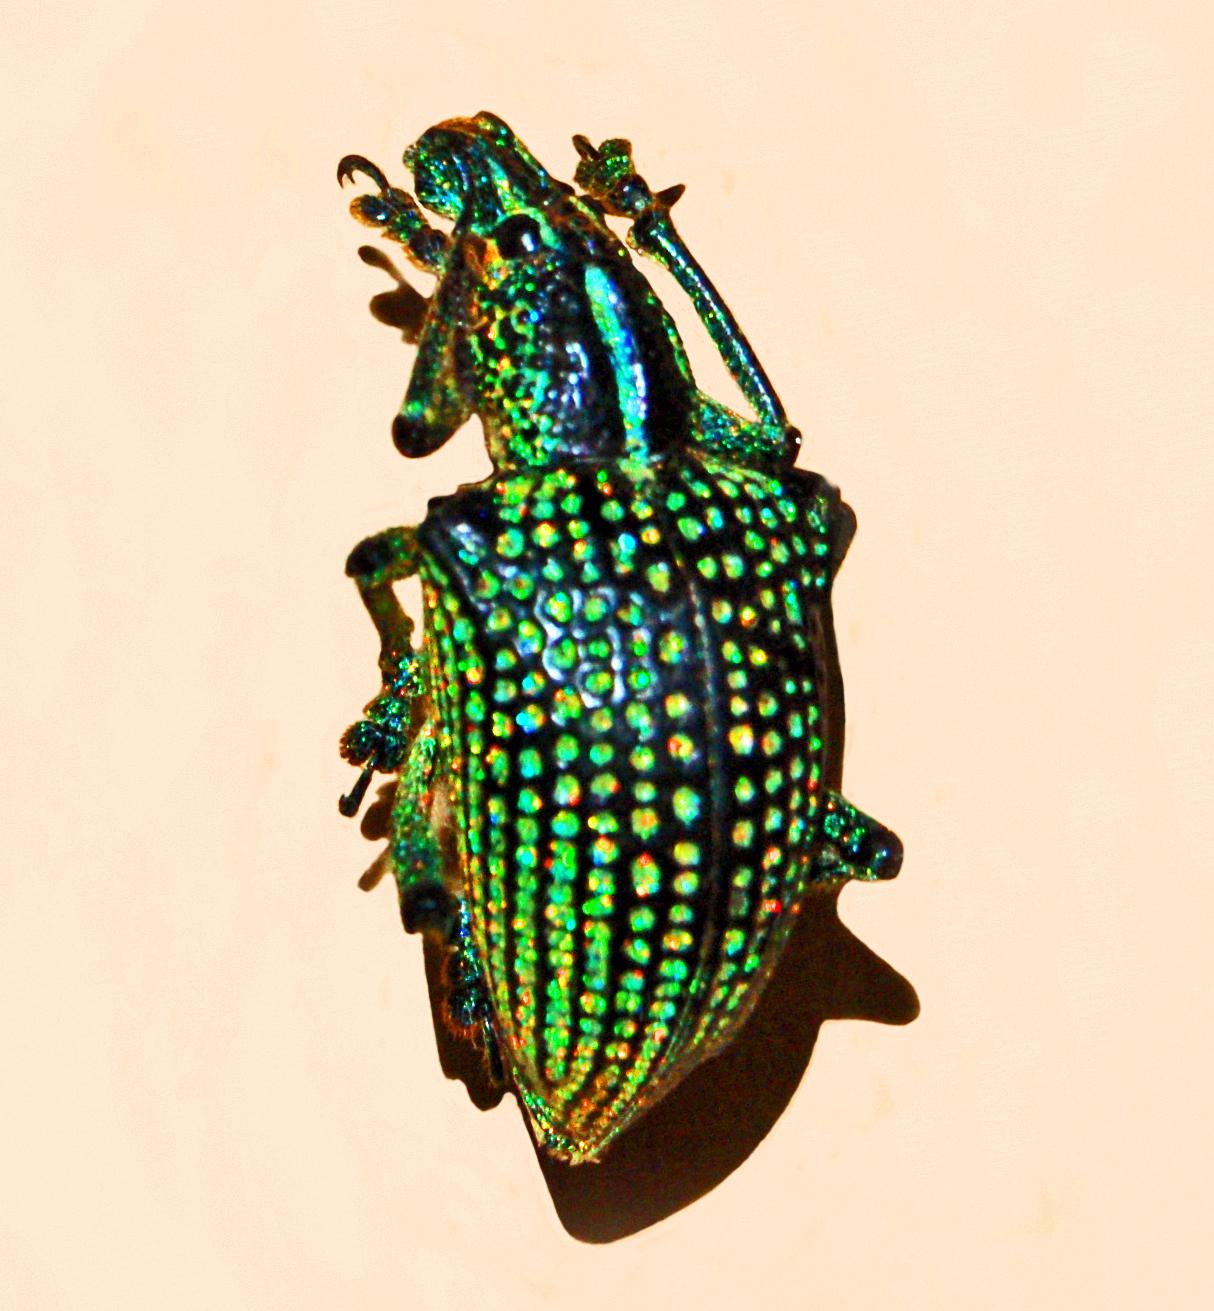 diamentowy chrząszcz